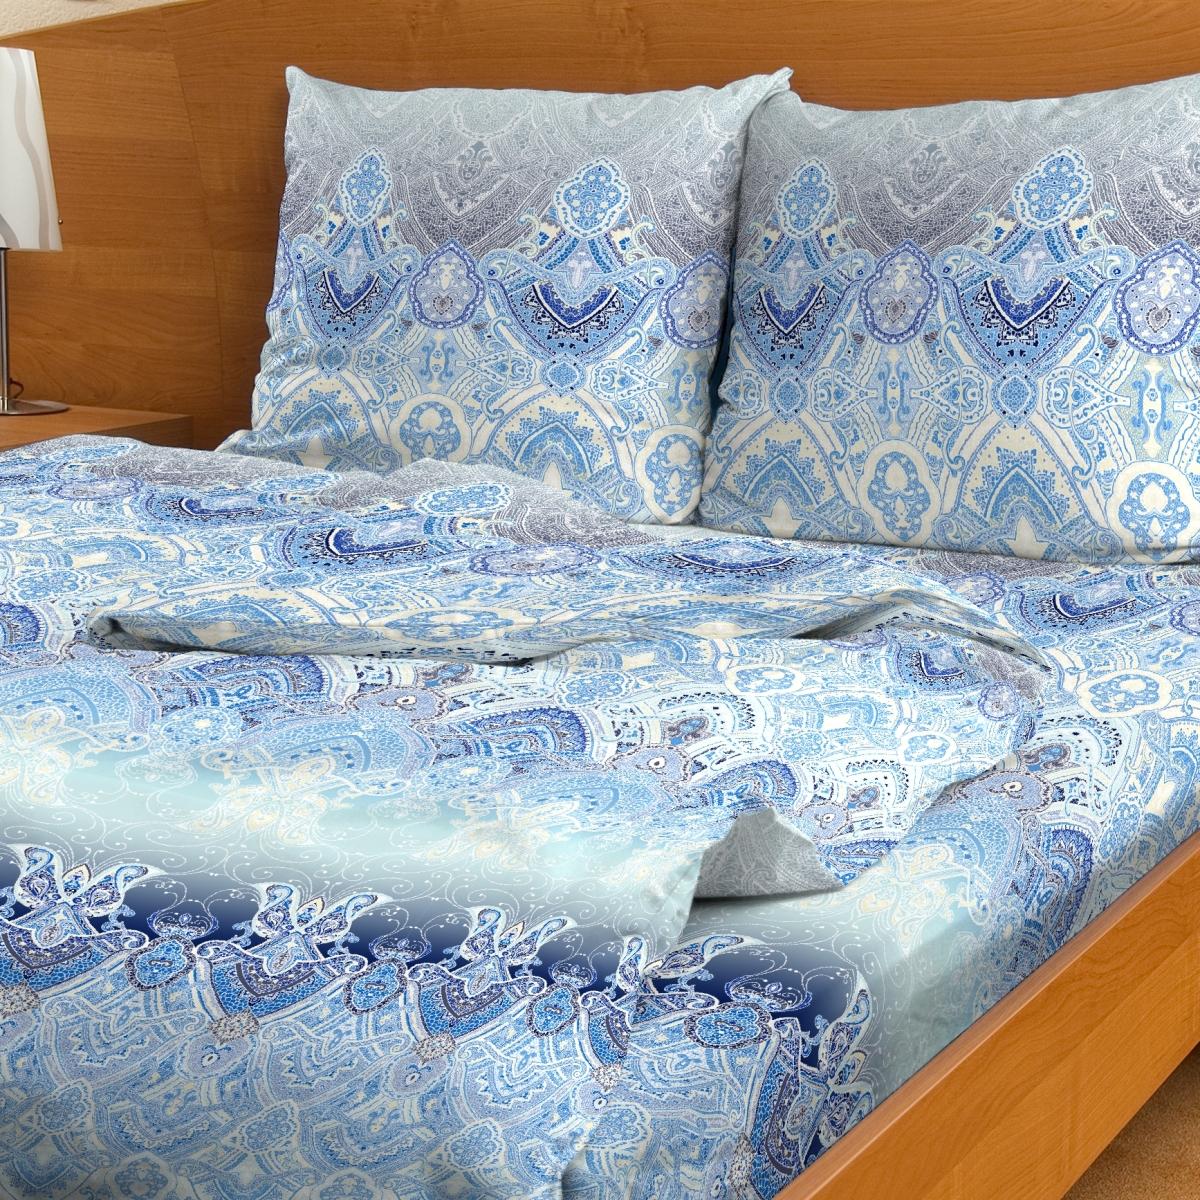 Комплект белья Letto, 1,5-сп, наволочки 70x70, цвет: голубойB98-3Серия Letto Традиция выполнена из классической российской бязи, привычной для большинства российских покупательниц. Ткань плотная (125гр/м), используются современные устойчивые красители. Традиционная российская бязь выгодно отличается от импортных аналогов по цене, при том, что сама ткань и толще, меньше сминается и служит намного дольше. Рекомендуется перед первым использованием постирать, но не пересушивать. Применение кондиционера при стирке сделает такое постельное белье мягче и комфортней. Пододеяльник на молнии. Обращаем внимание, что расцветка наволочек может отличаться от представленной на фото.